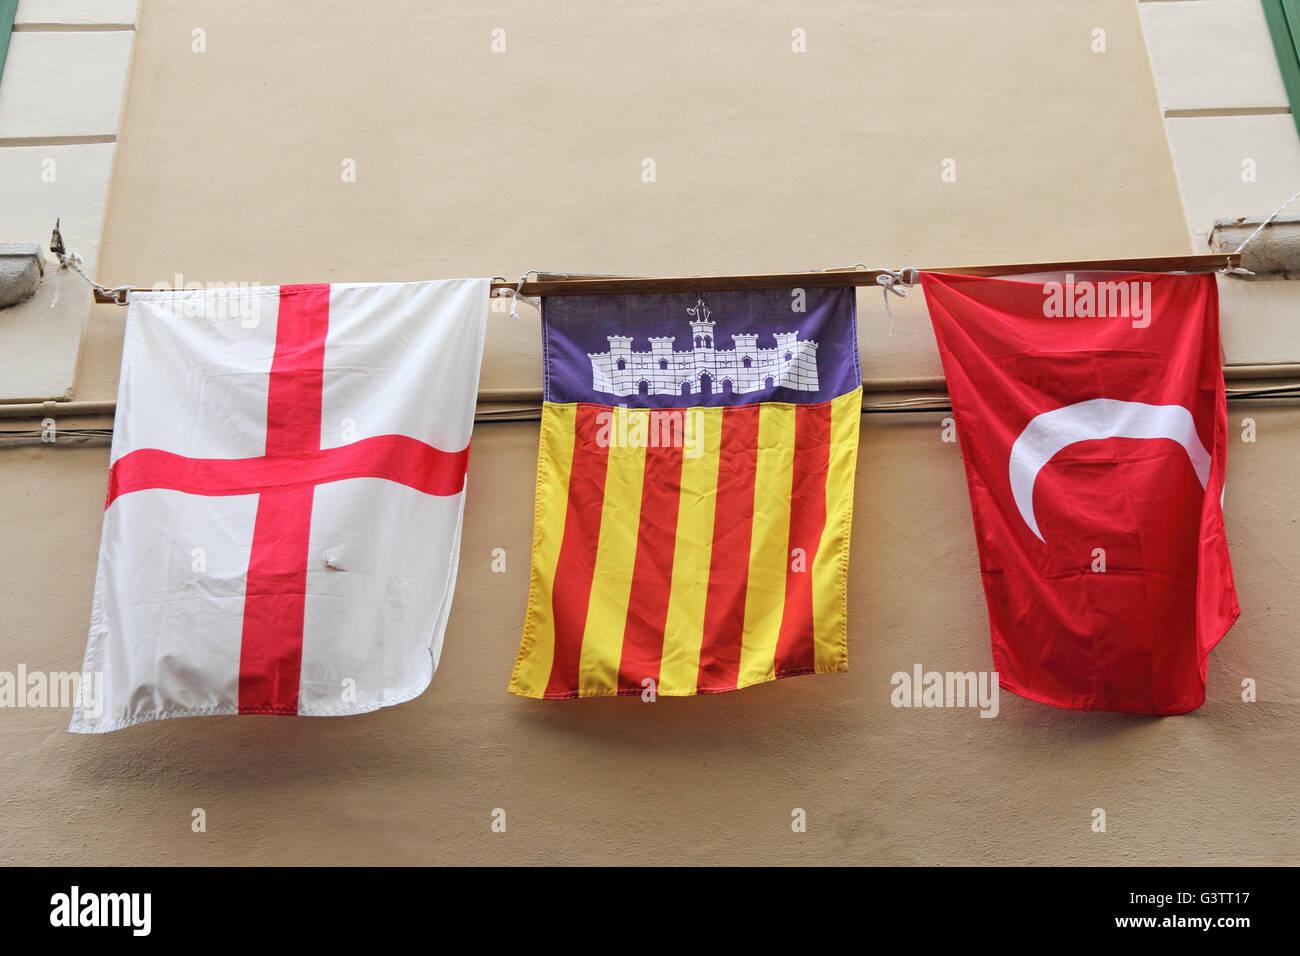 Mezzaluna Bianca Su Sfondo Rosso La Catalogna E La Croce Rossa Su